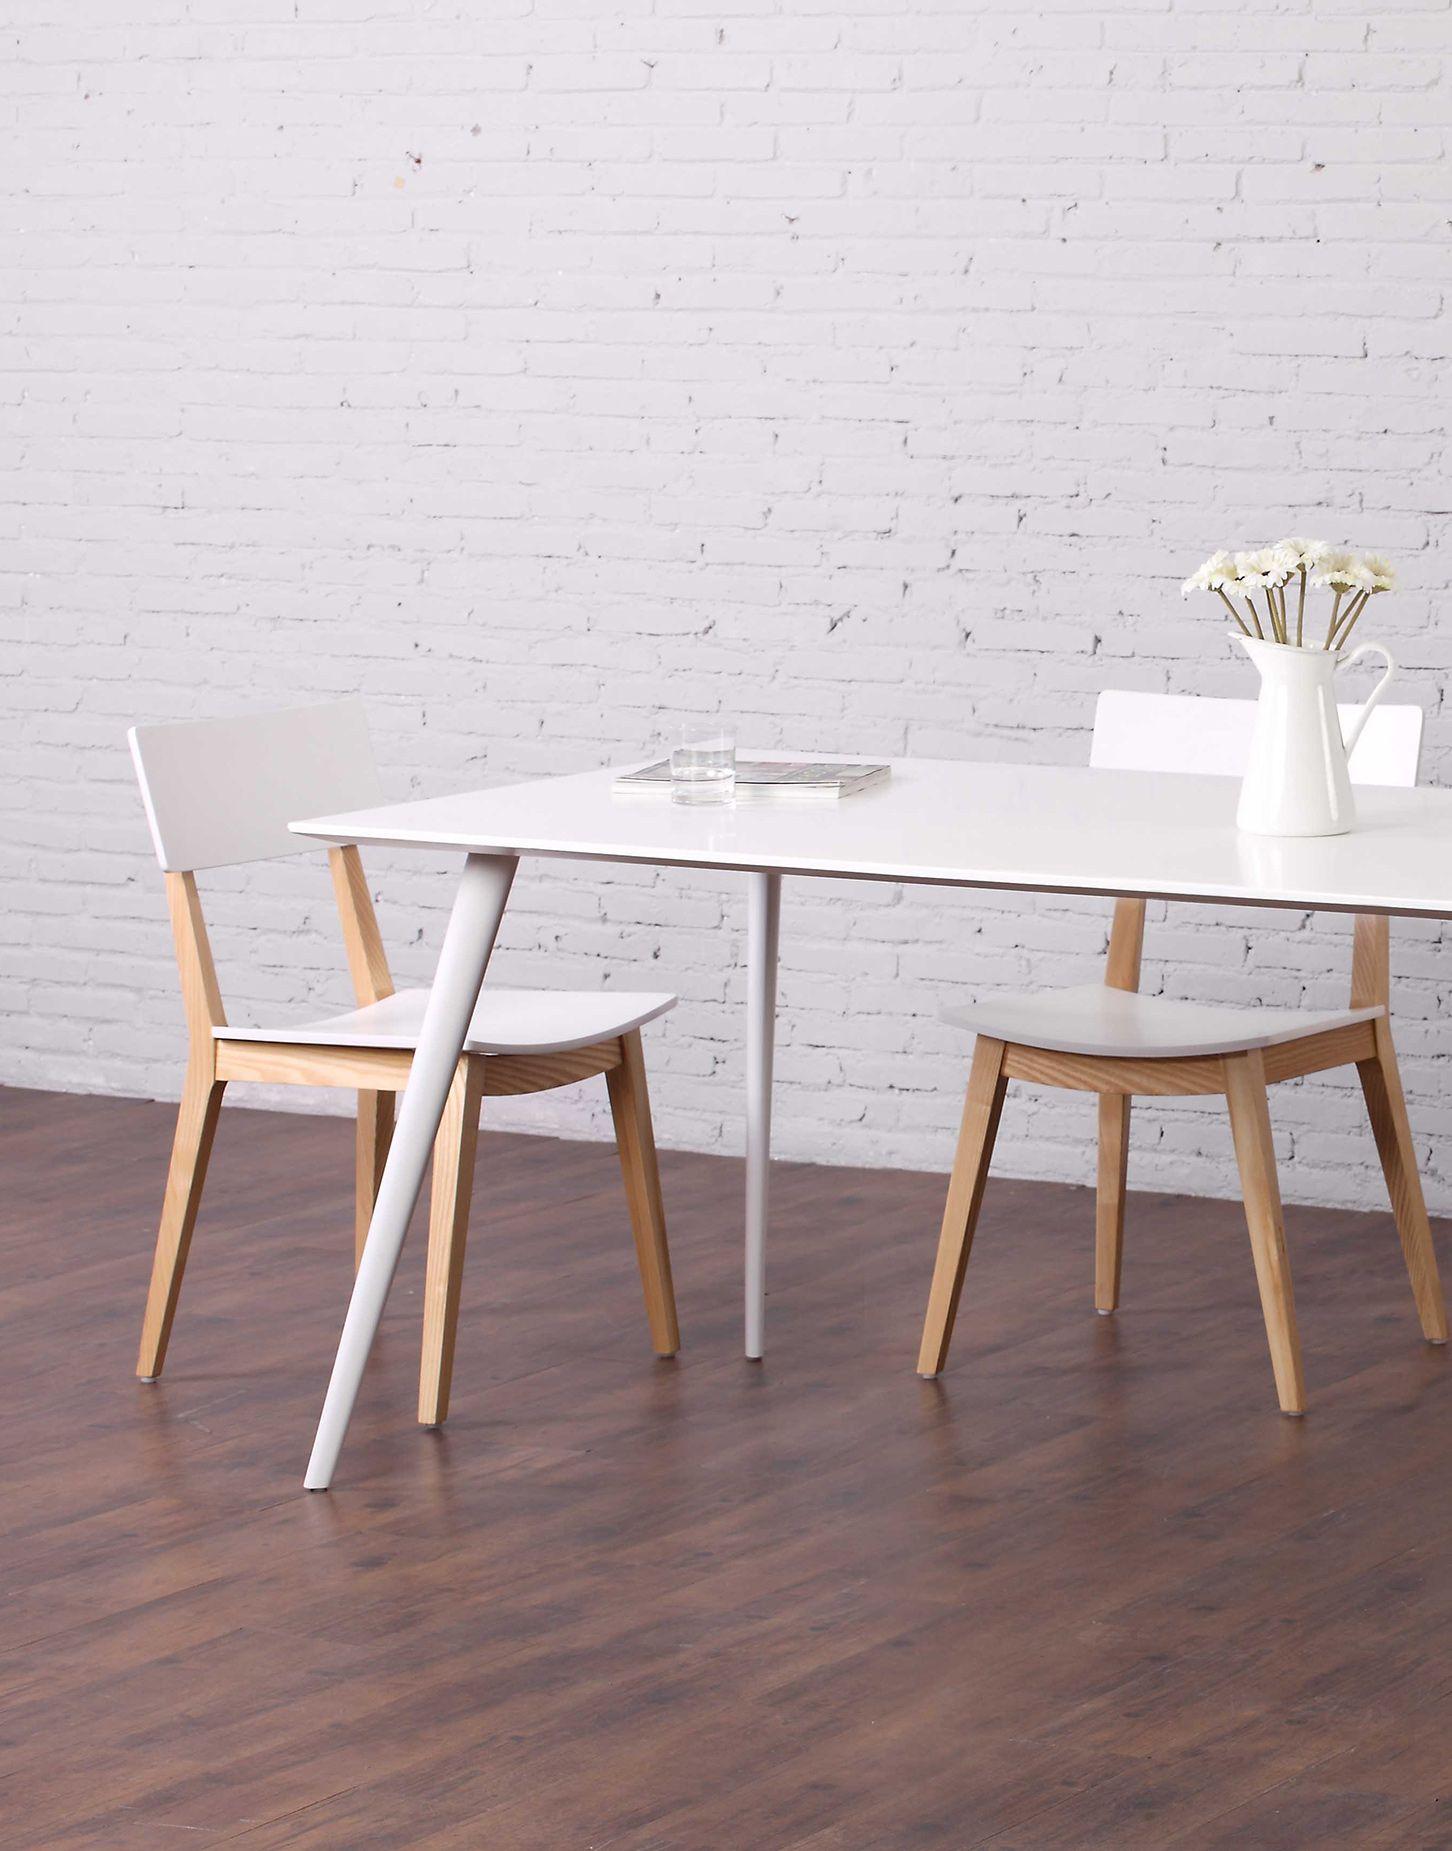 Pin Von Octopus Auf Tische Stühle Octopus Möbel Tisch Und Tisch